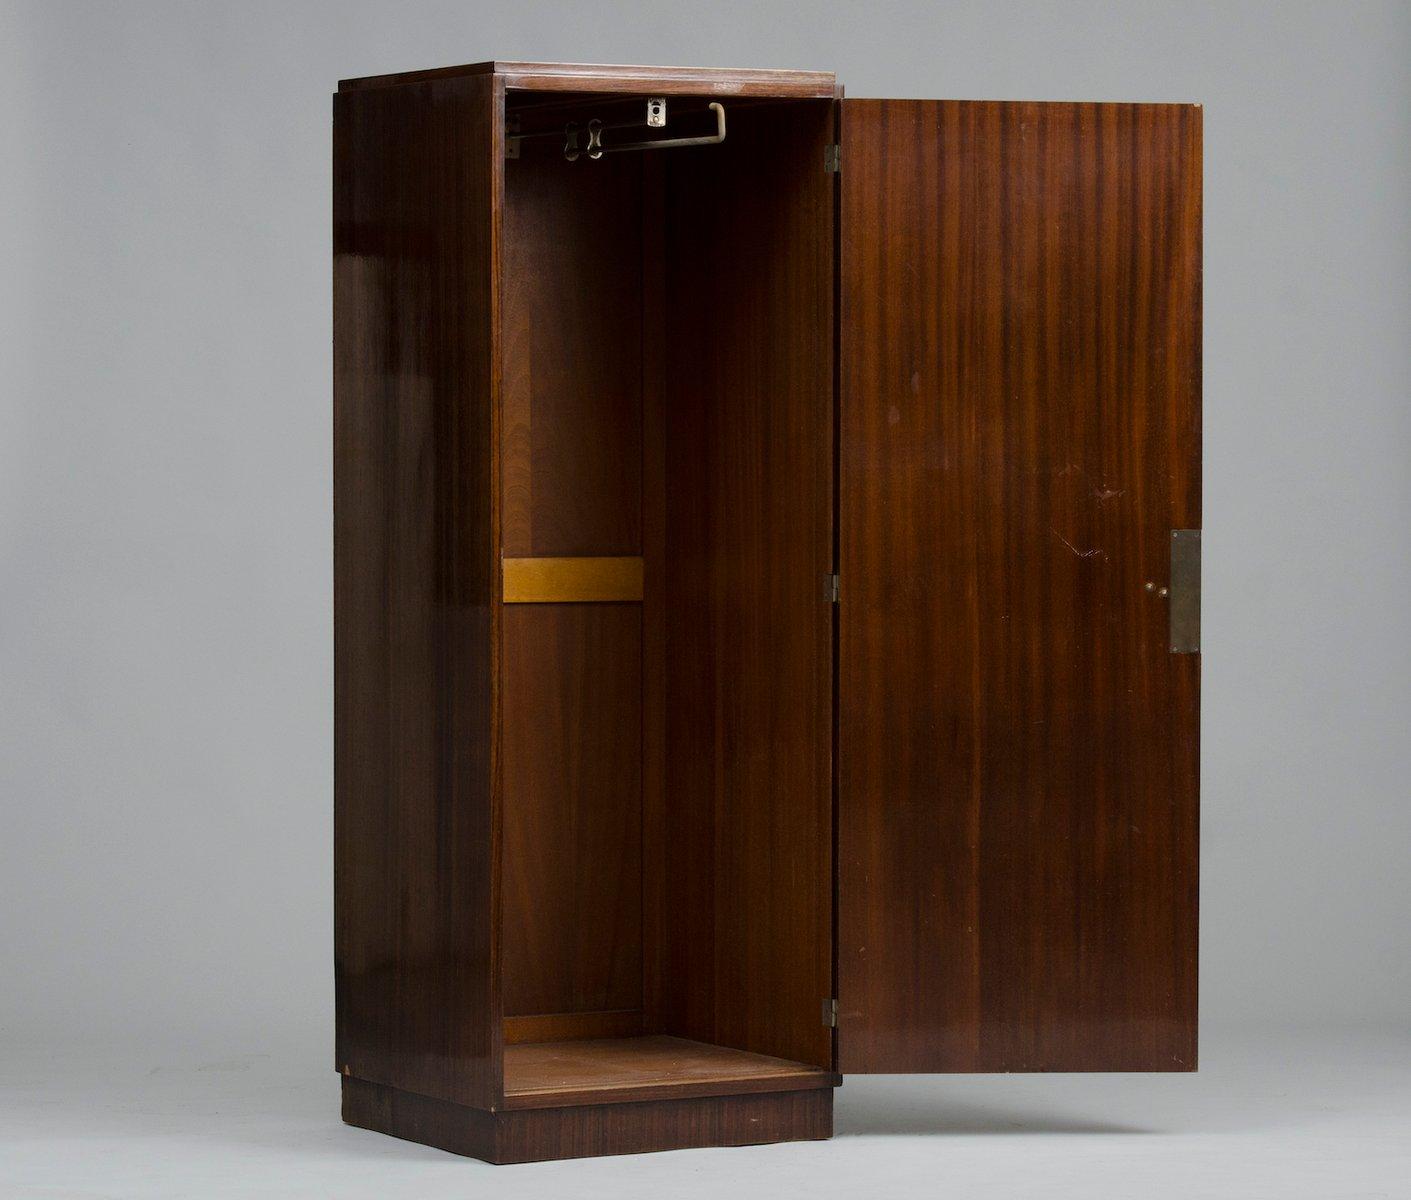 Verschiedene Kleiner Kleiderschrank Foto Von Art Deco 7. 1.425,00 €